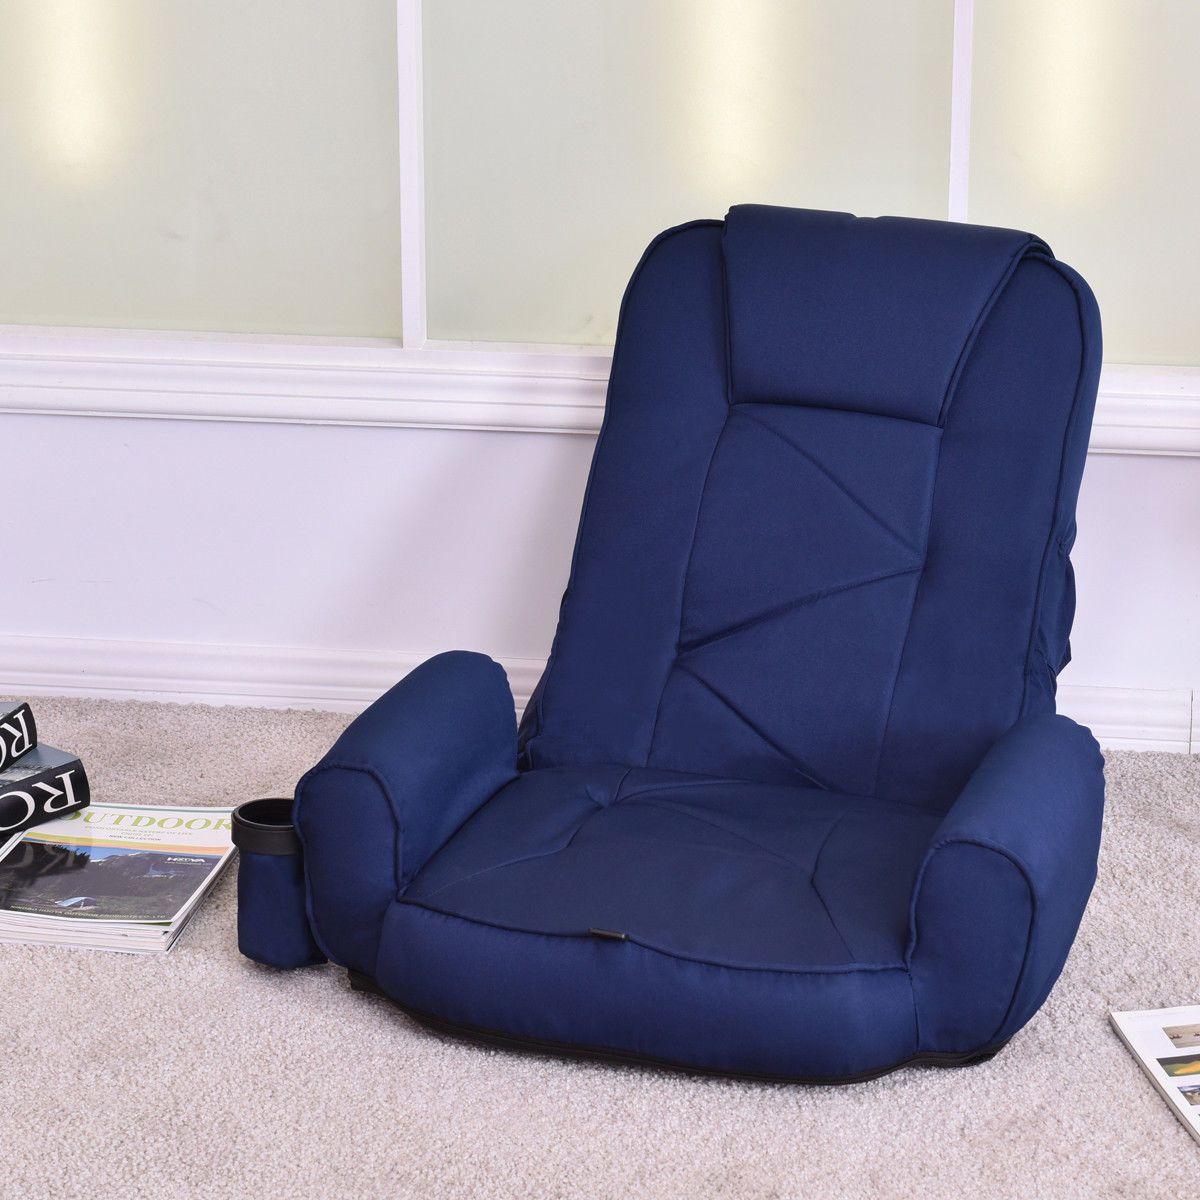 Giantex blue adjustable folding lazy sofa floor chair